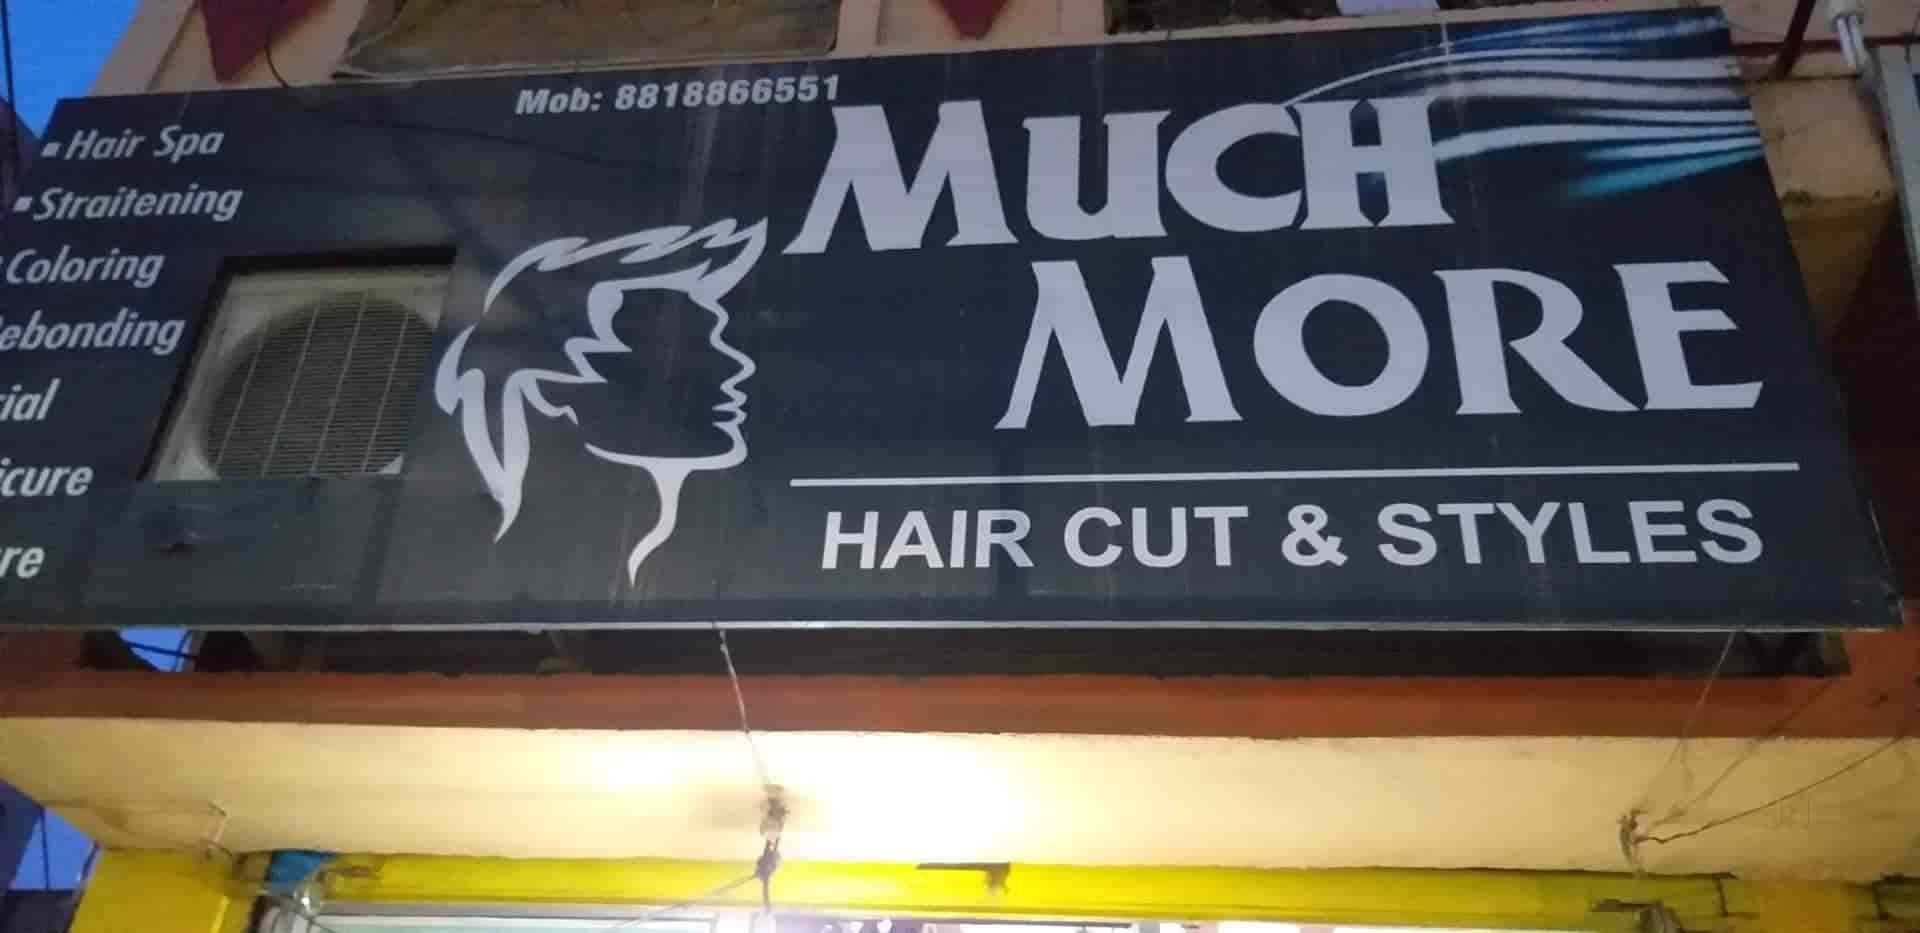 Much More Hair Cut And Styles Saloon Mowa Salons In Raipur Chhattisgarh Raipur Chhattisgarh Justdial